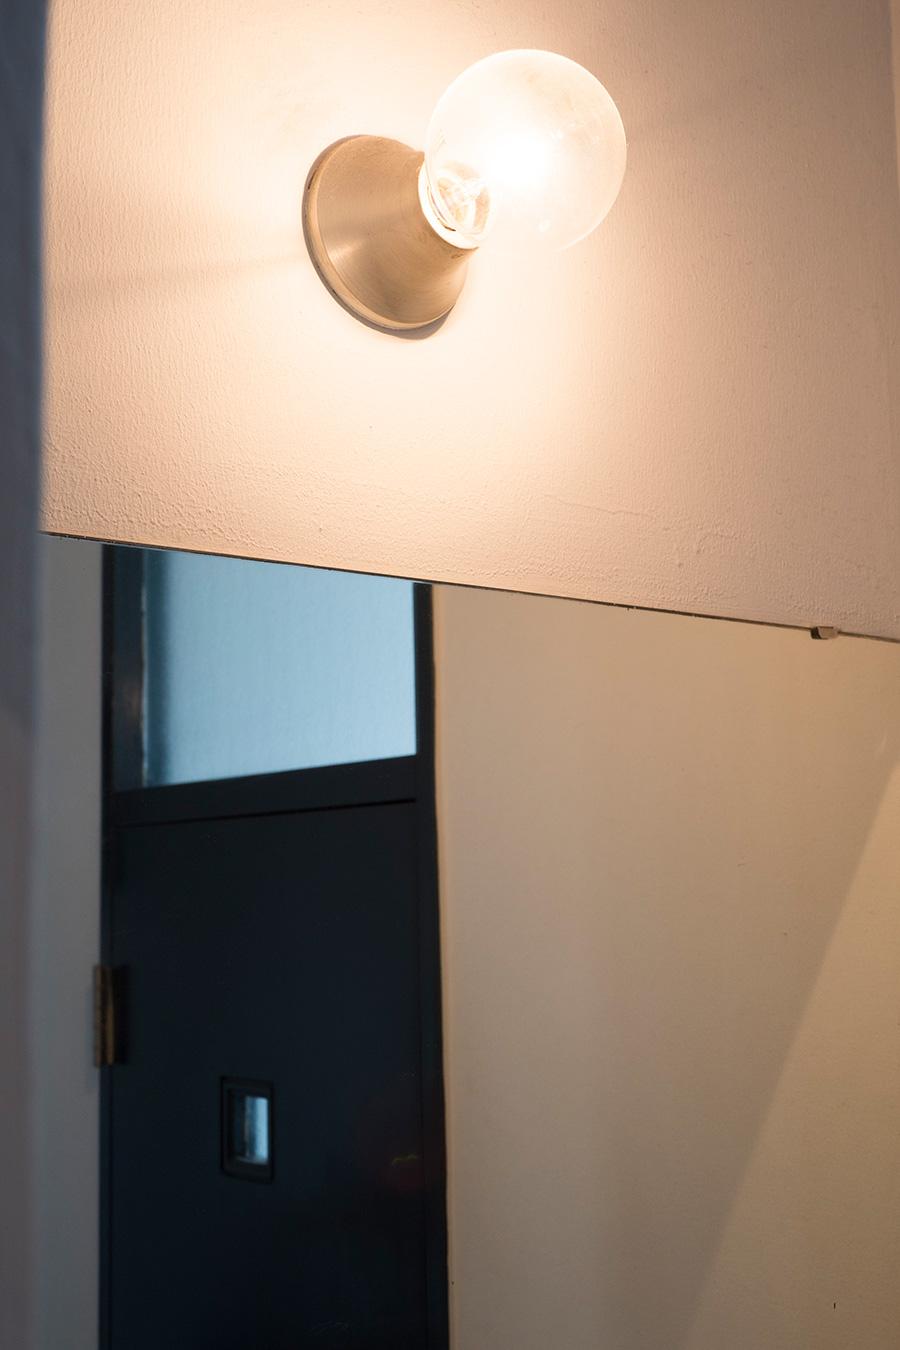 洗面台の上の照明も、もとからついていたもの。レトロな風合いがいい感じ。